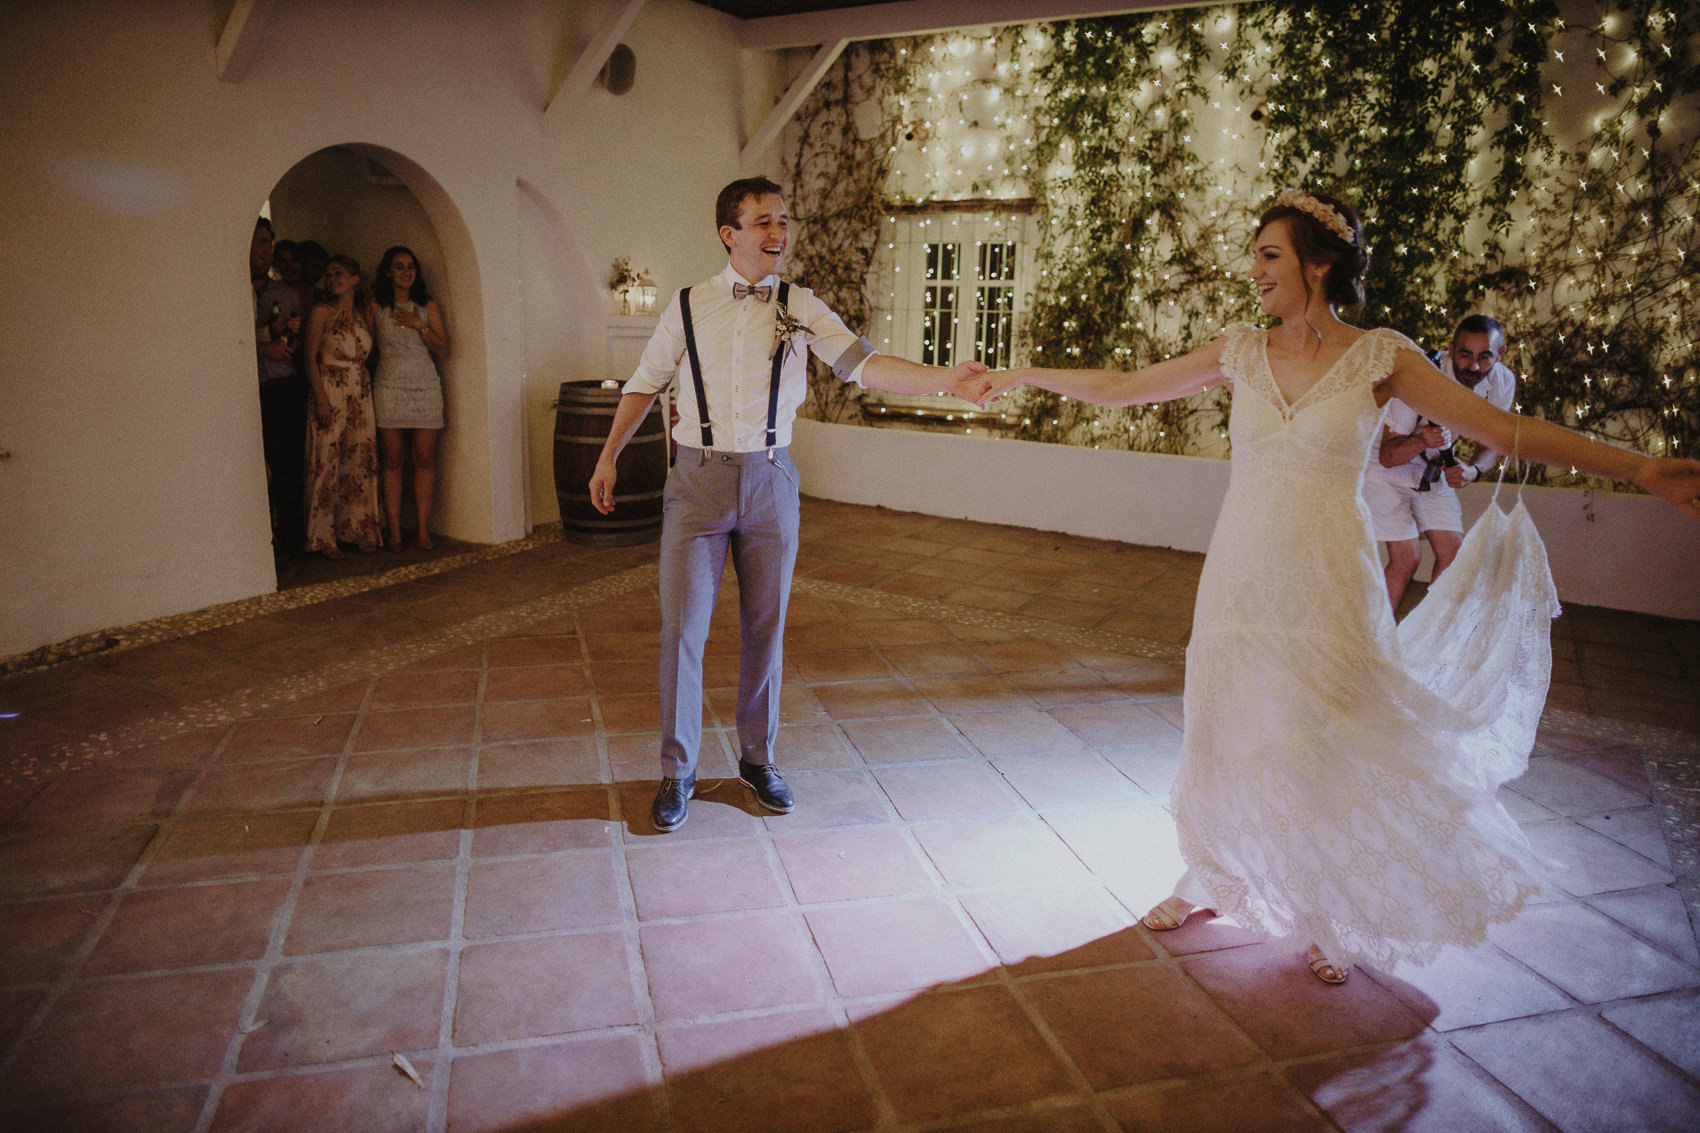 Sarah & Bill | Summer wedding at Cortijo Rosa Blanca | Marbella - Spain 157